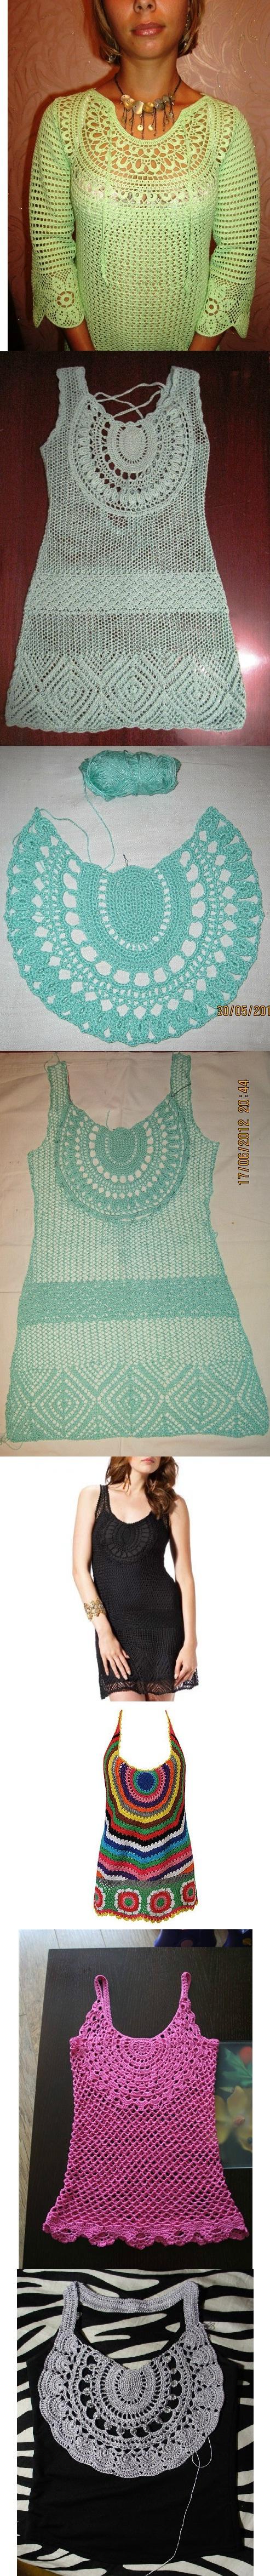 http://www.360doc.com/content/13/0226/00/3243271_267911678.shtml  Série arte Mente crochê.